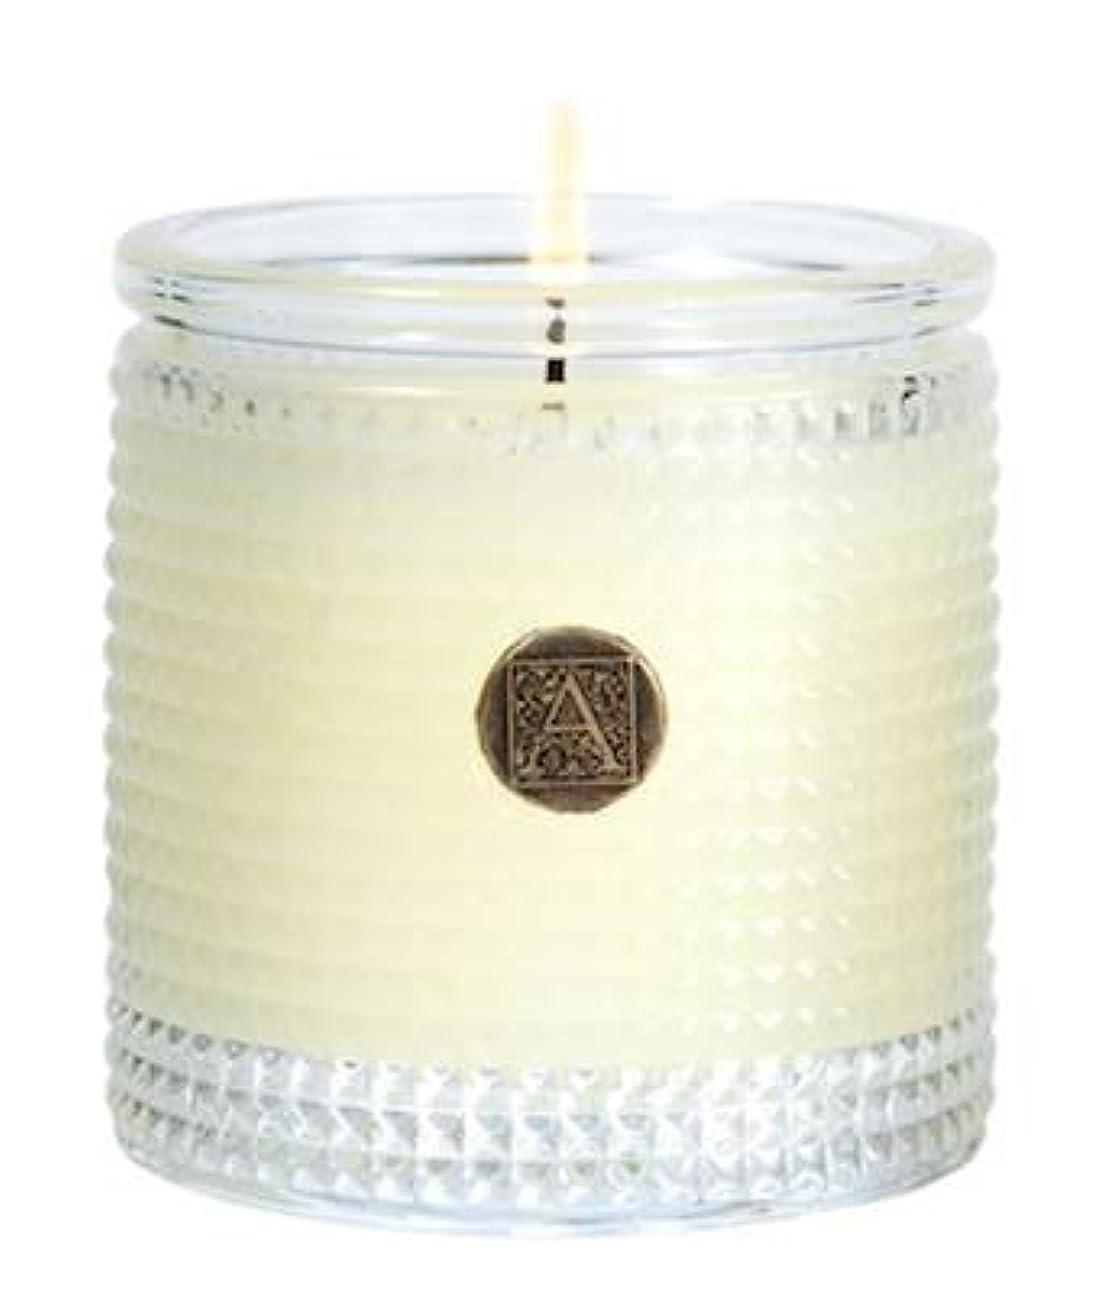 必要性スイフィットAromatique 5.5 Oz Candle inオレンジand Evergreen